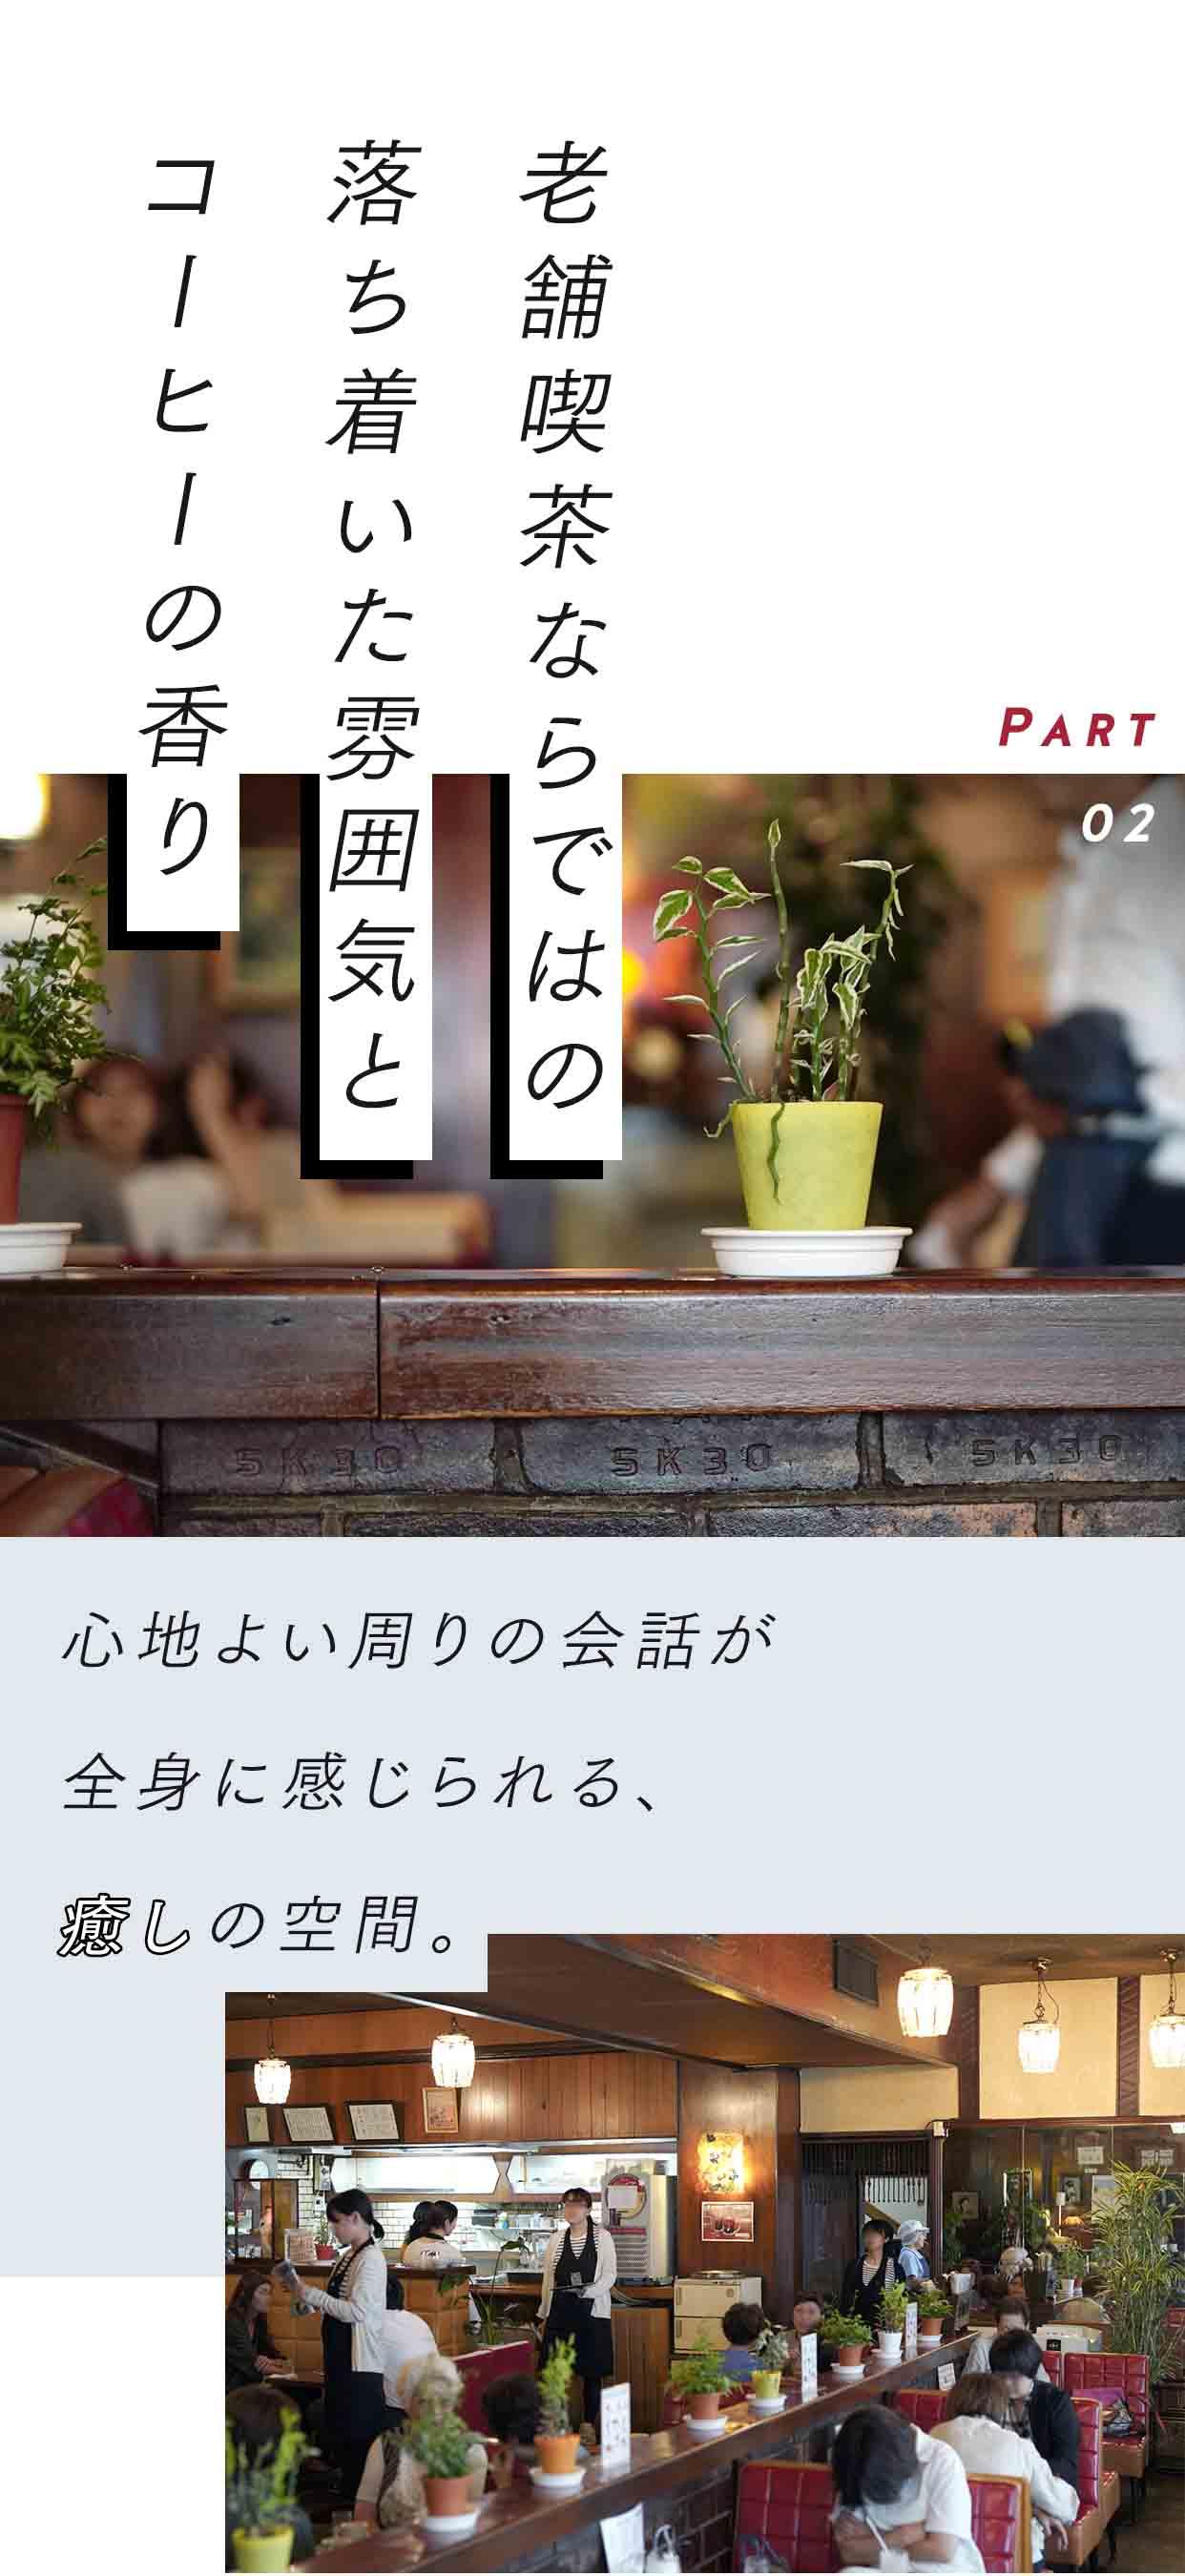 レトロとプリン。名古屋の老舗喫茶「ボンボン」でちょっとお茶でもしませんか。 - 400b20d731b84681041d9b54f3f668c8